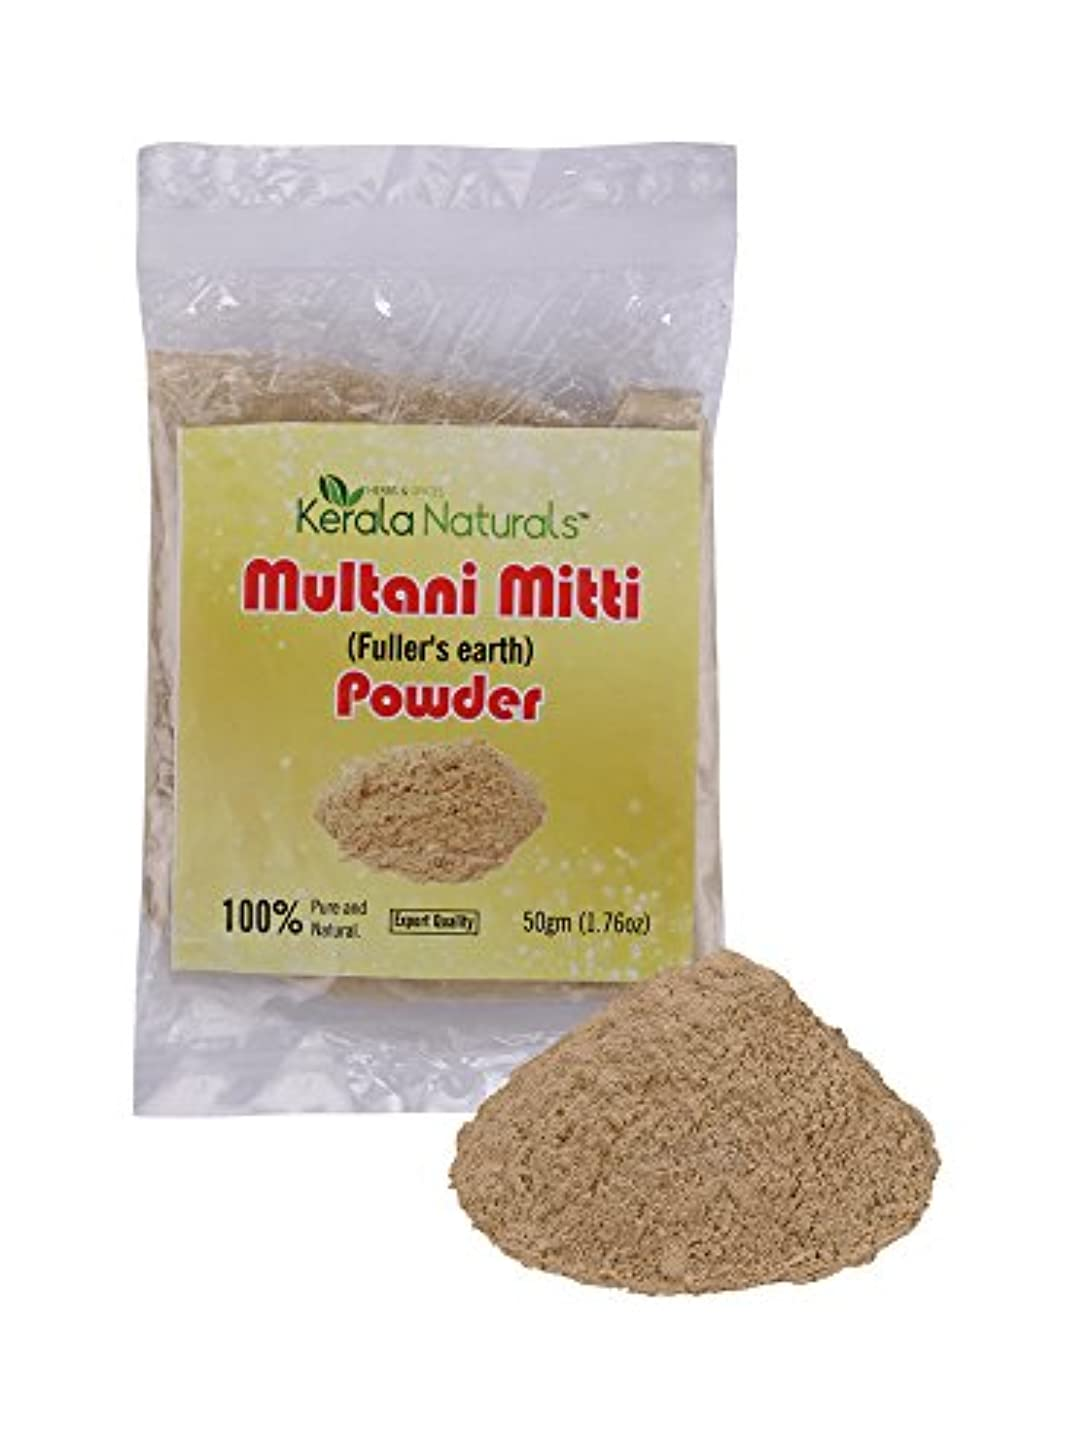 絞る味わう些細Multani Mitti Powder 200gm - Anti acne & Blemishes, Glowing Skin - Multani Mittiパウダー200gm-にきび&傷、輝く肌